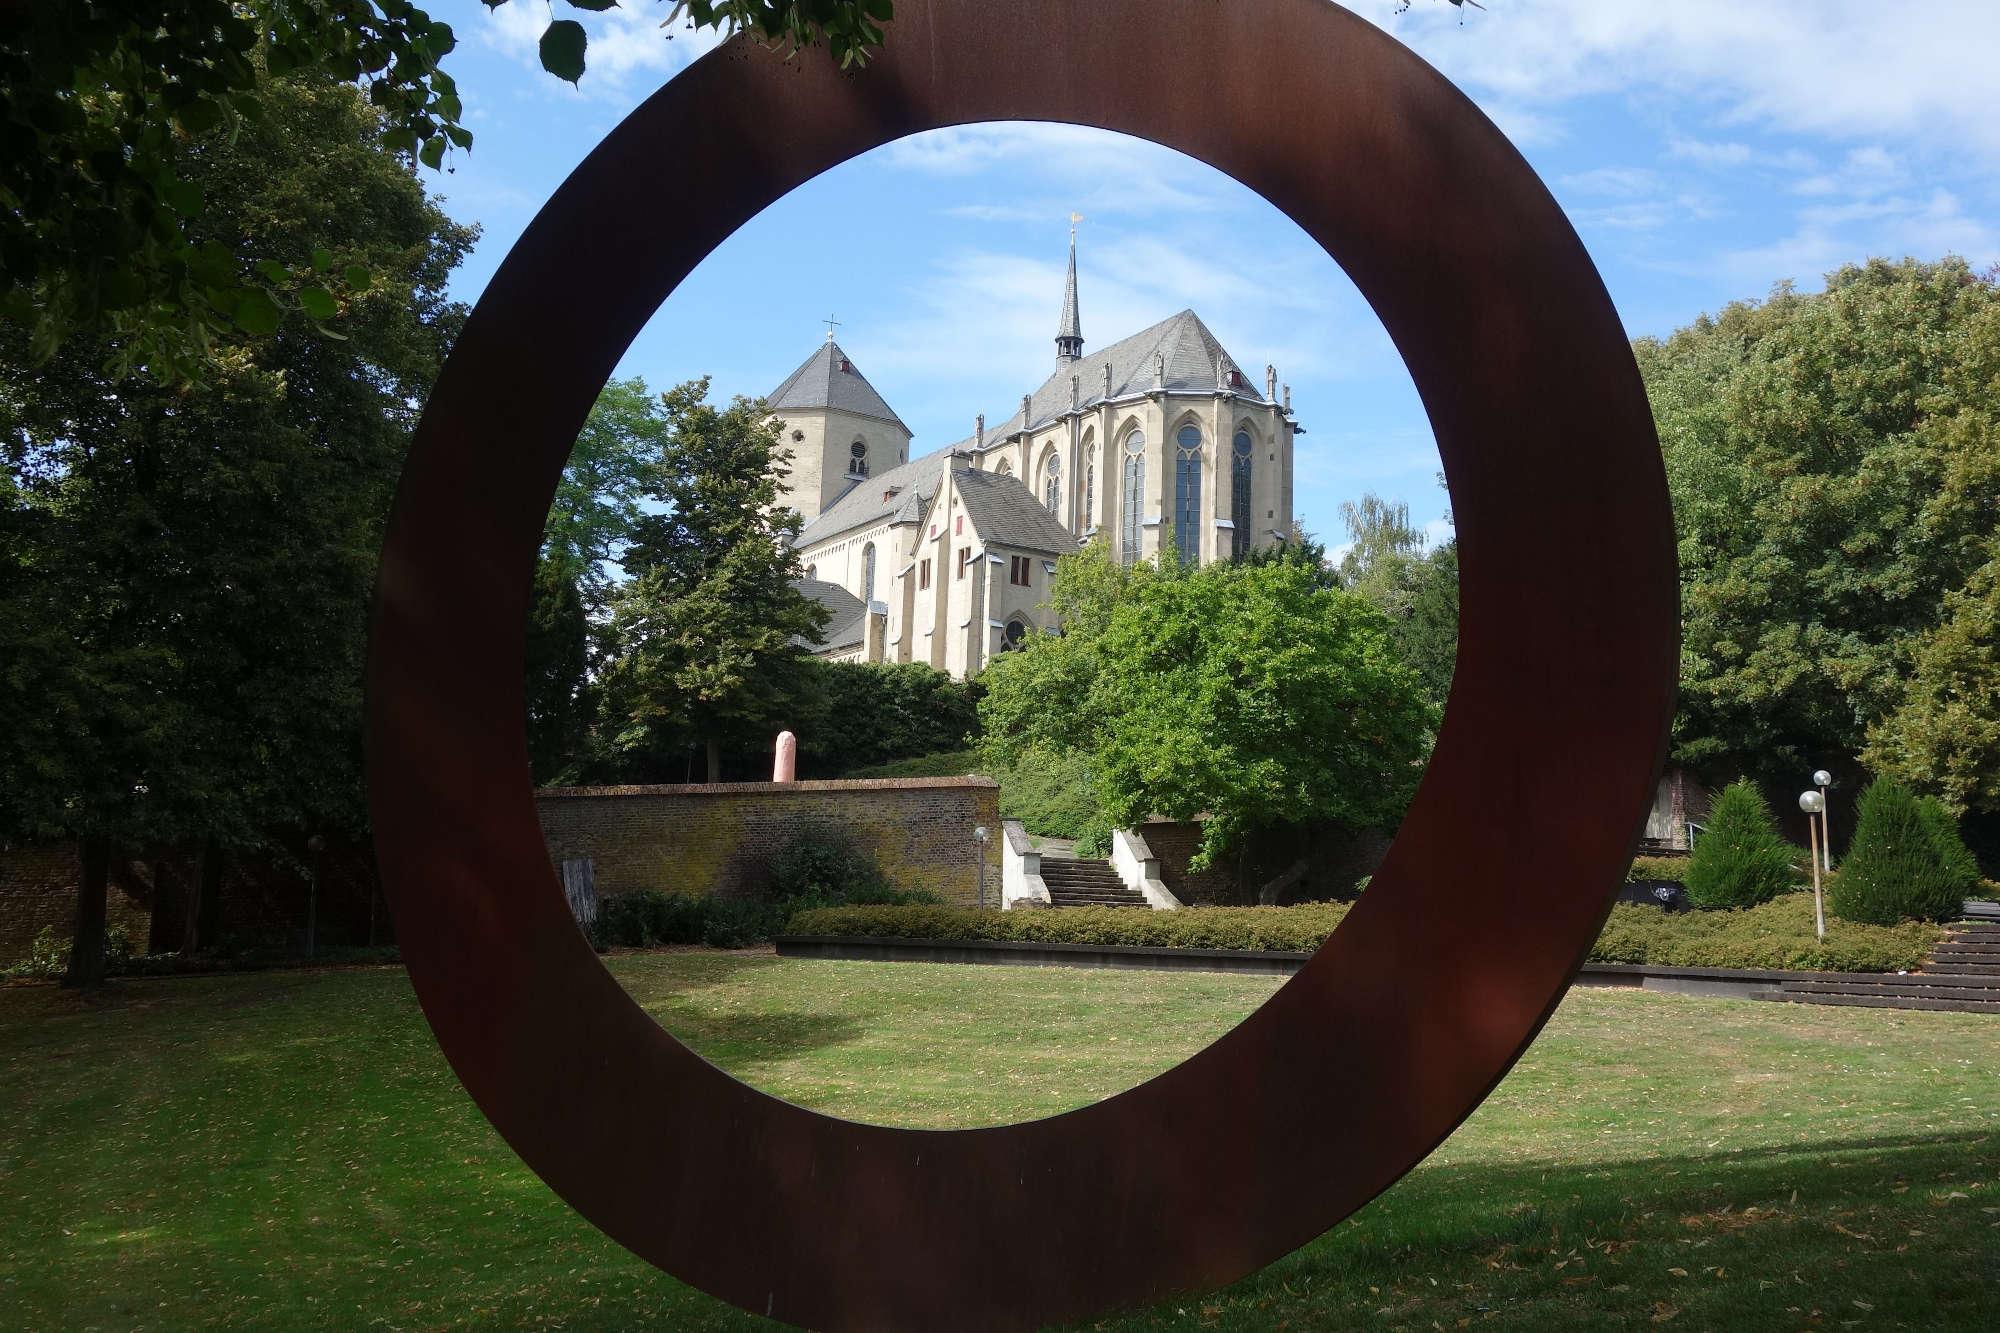 Der nächste Kulturrucksack-Ausflug führt am 29. September 2019 zum Museum Abteiberg nach Mönchengladbach. (Foto: Michael Baaske)